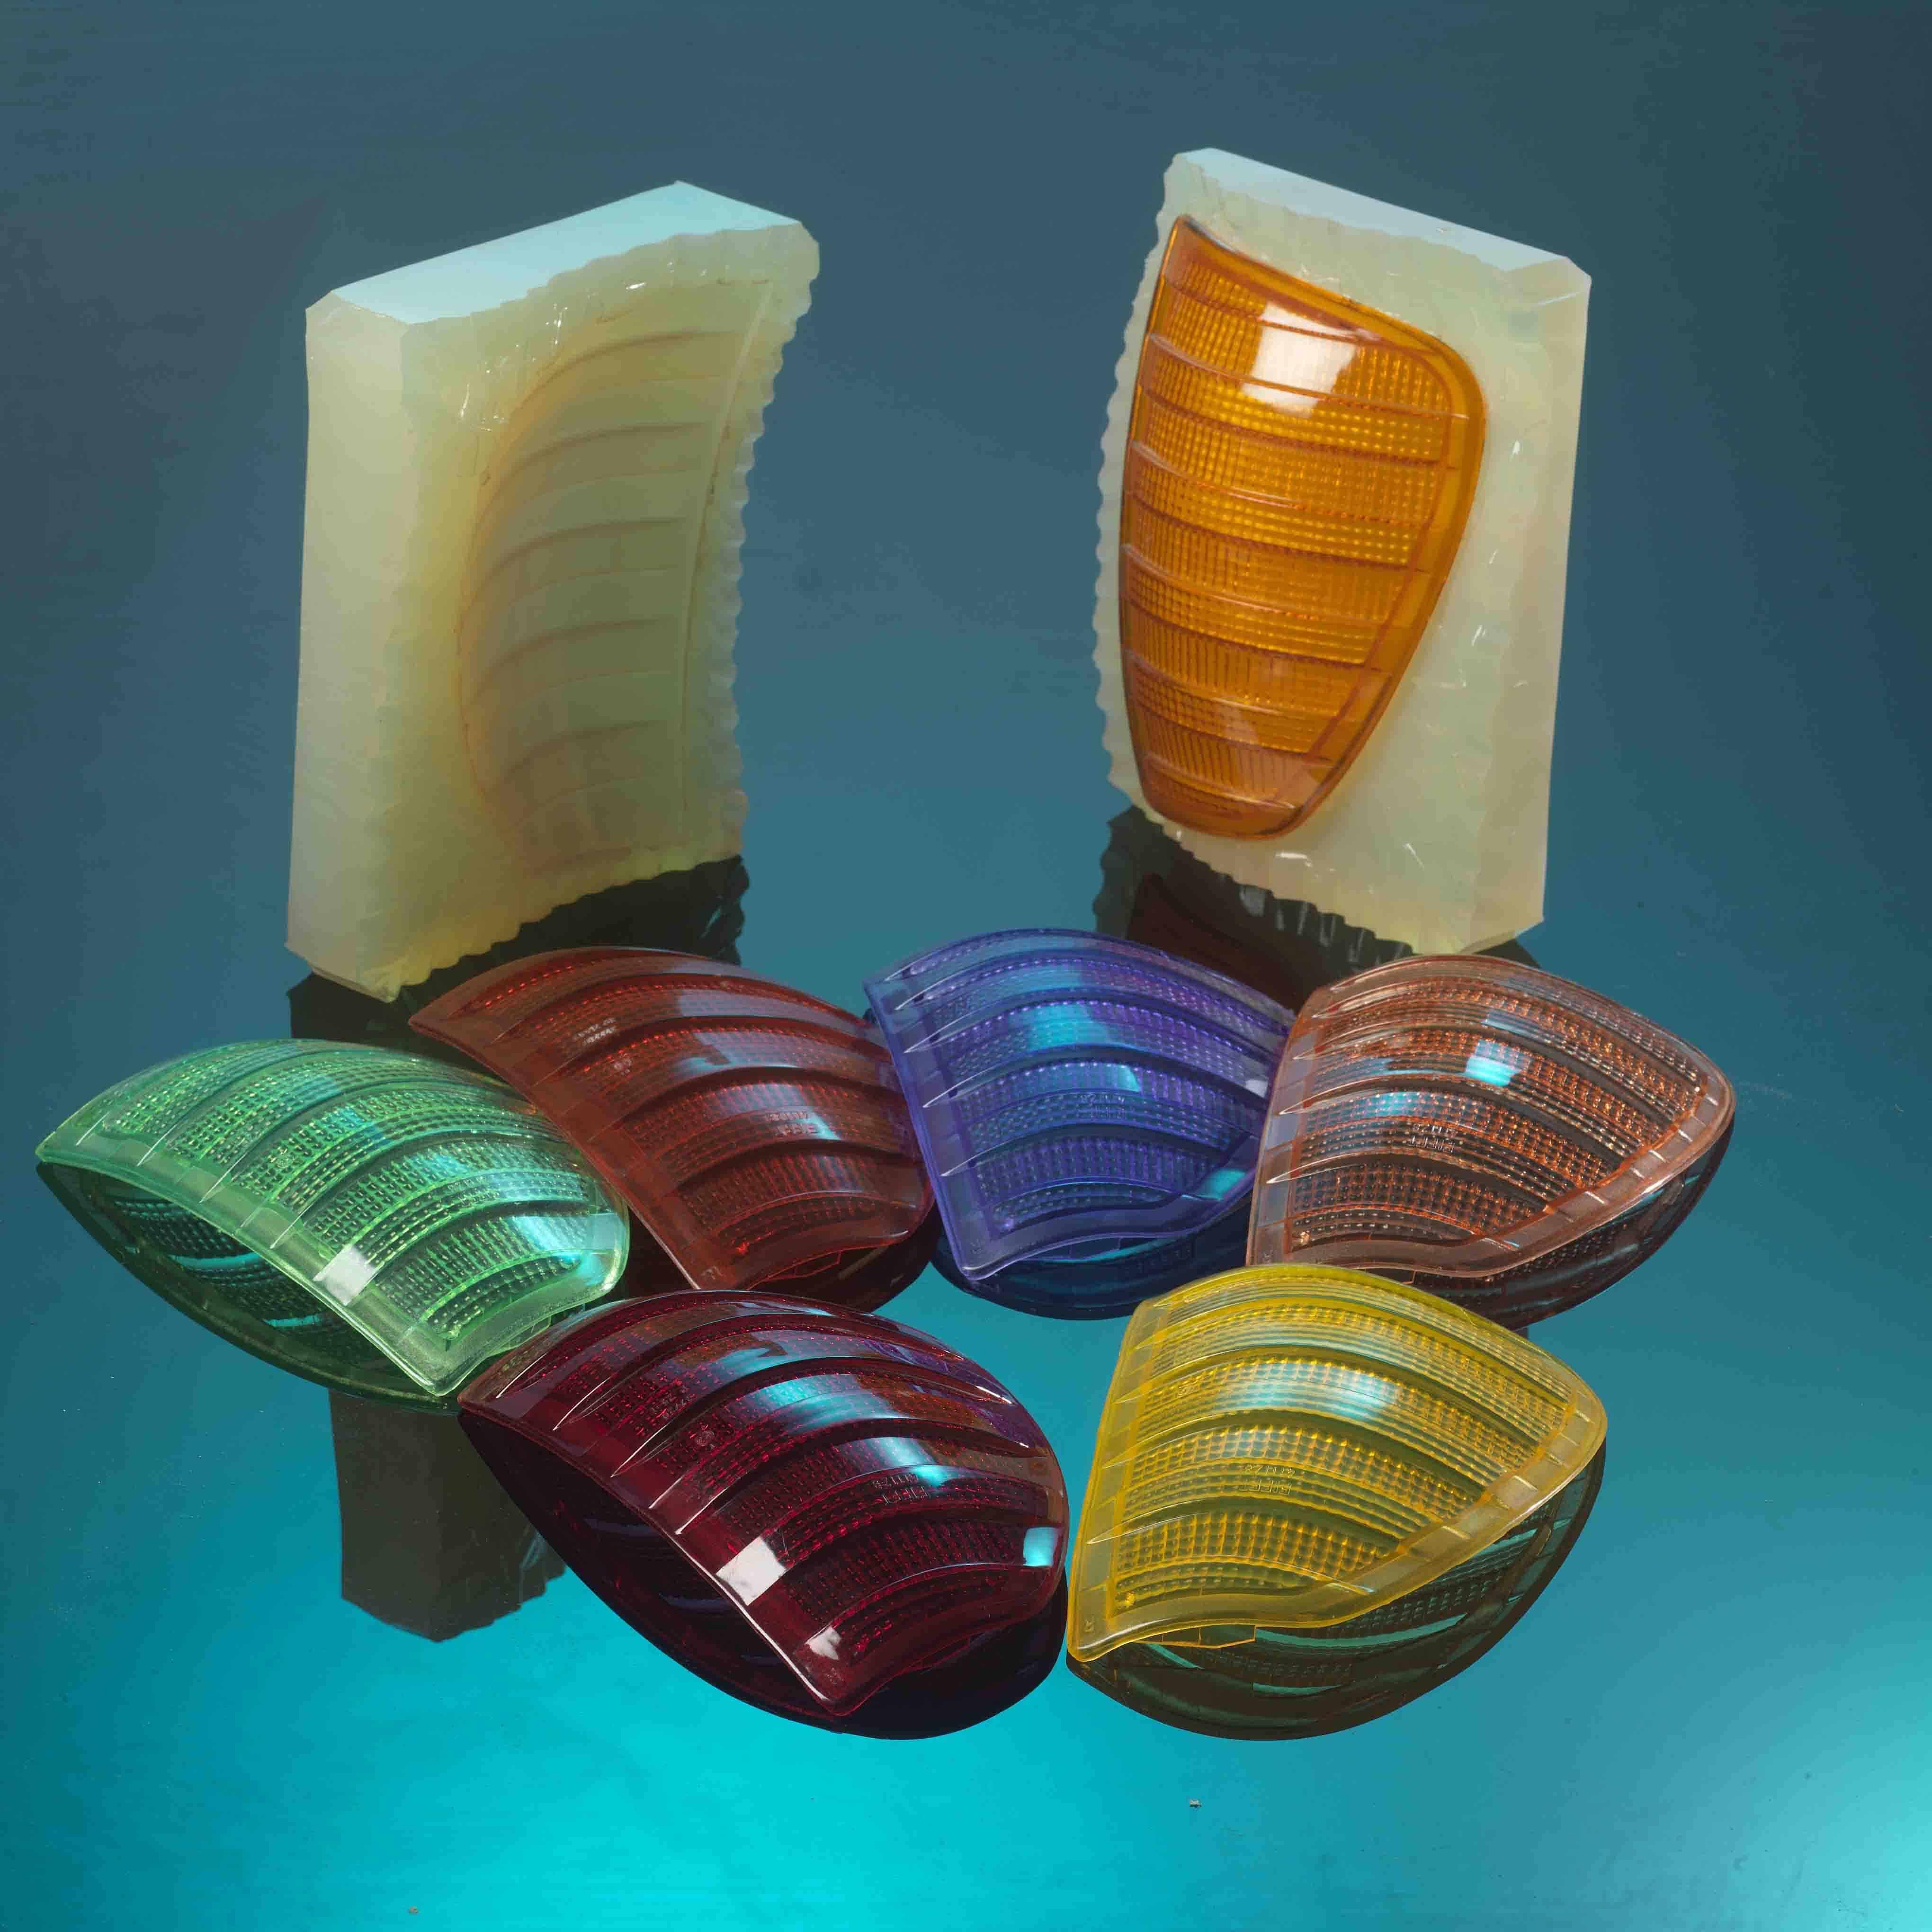 Kisszériák 3D nyomtatott mesterdarabbal és vákuumöntéssel